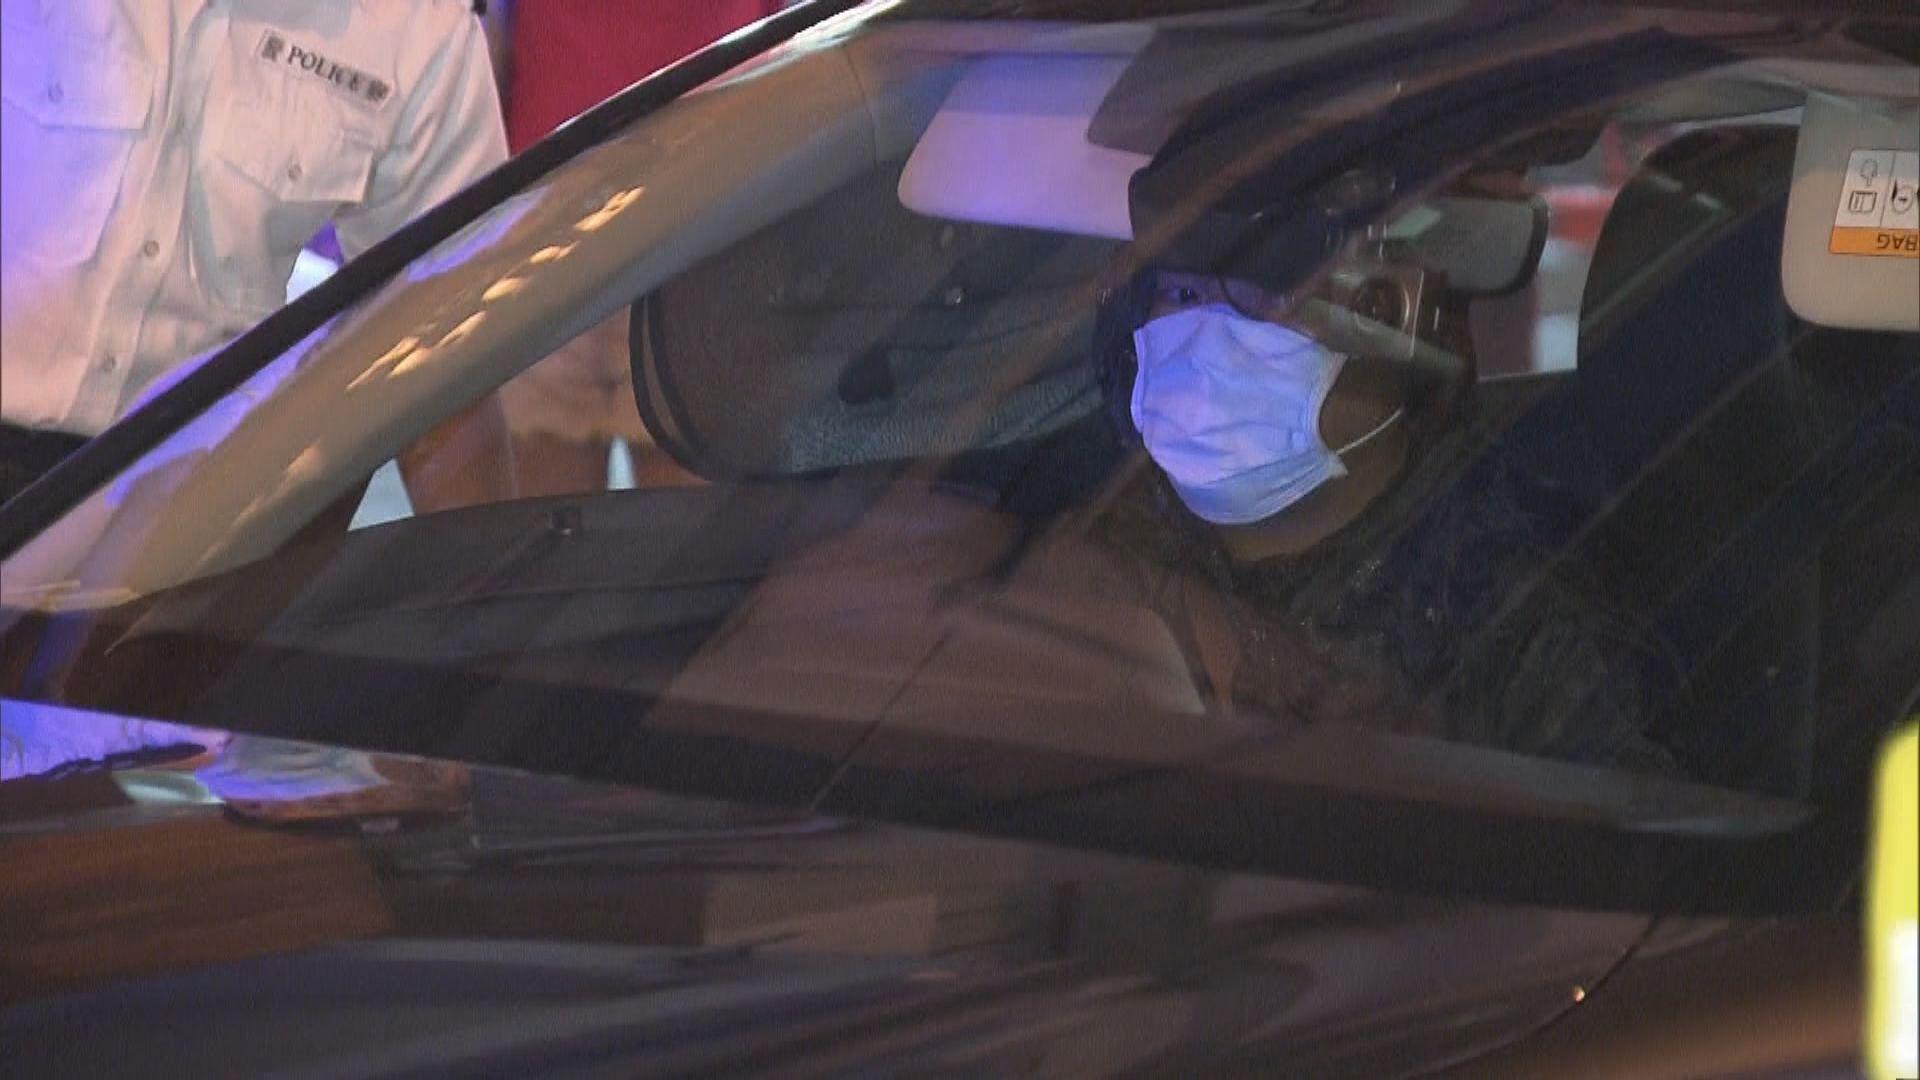 許智峯稱被私家車跟蹤撞傷 警列交通意外有人受傷